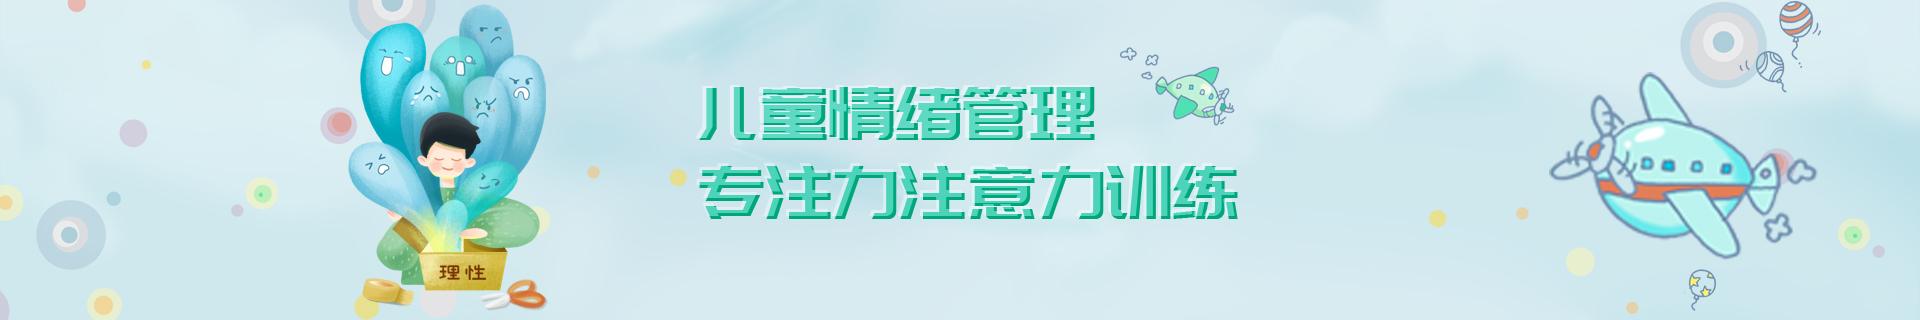 广州天河区筑心园家庭教育中心